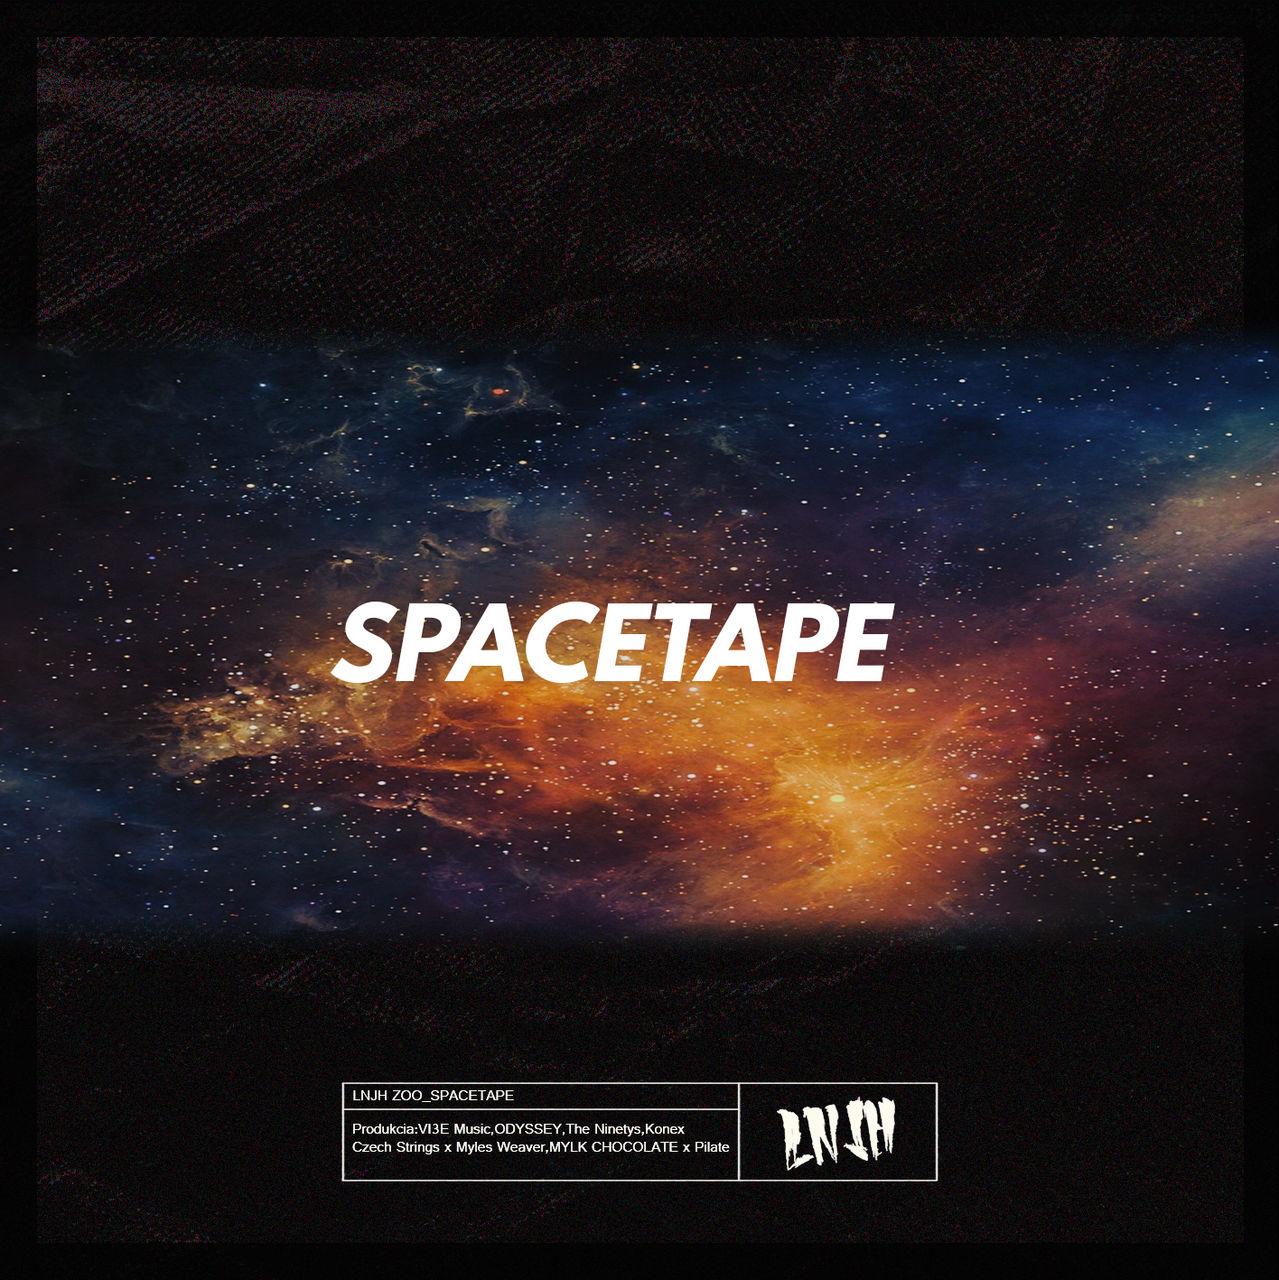 LNJH - Spacetape